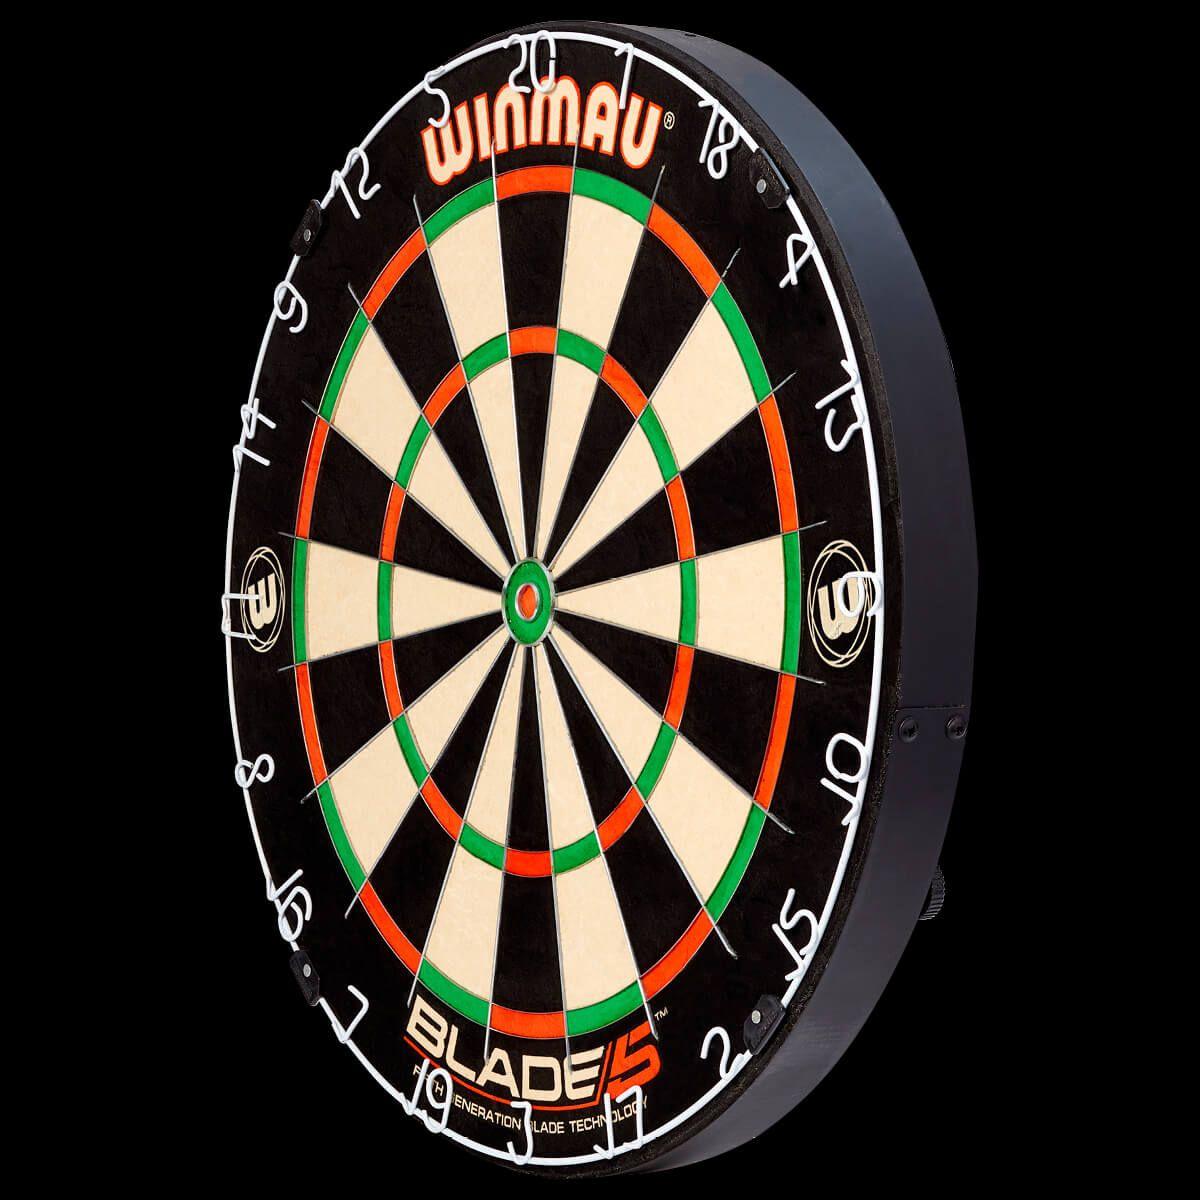 Bristle Dart Board Bristle Dartboard Bristle Dartscheibe Bristle Steeldart Board